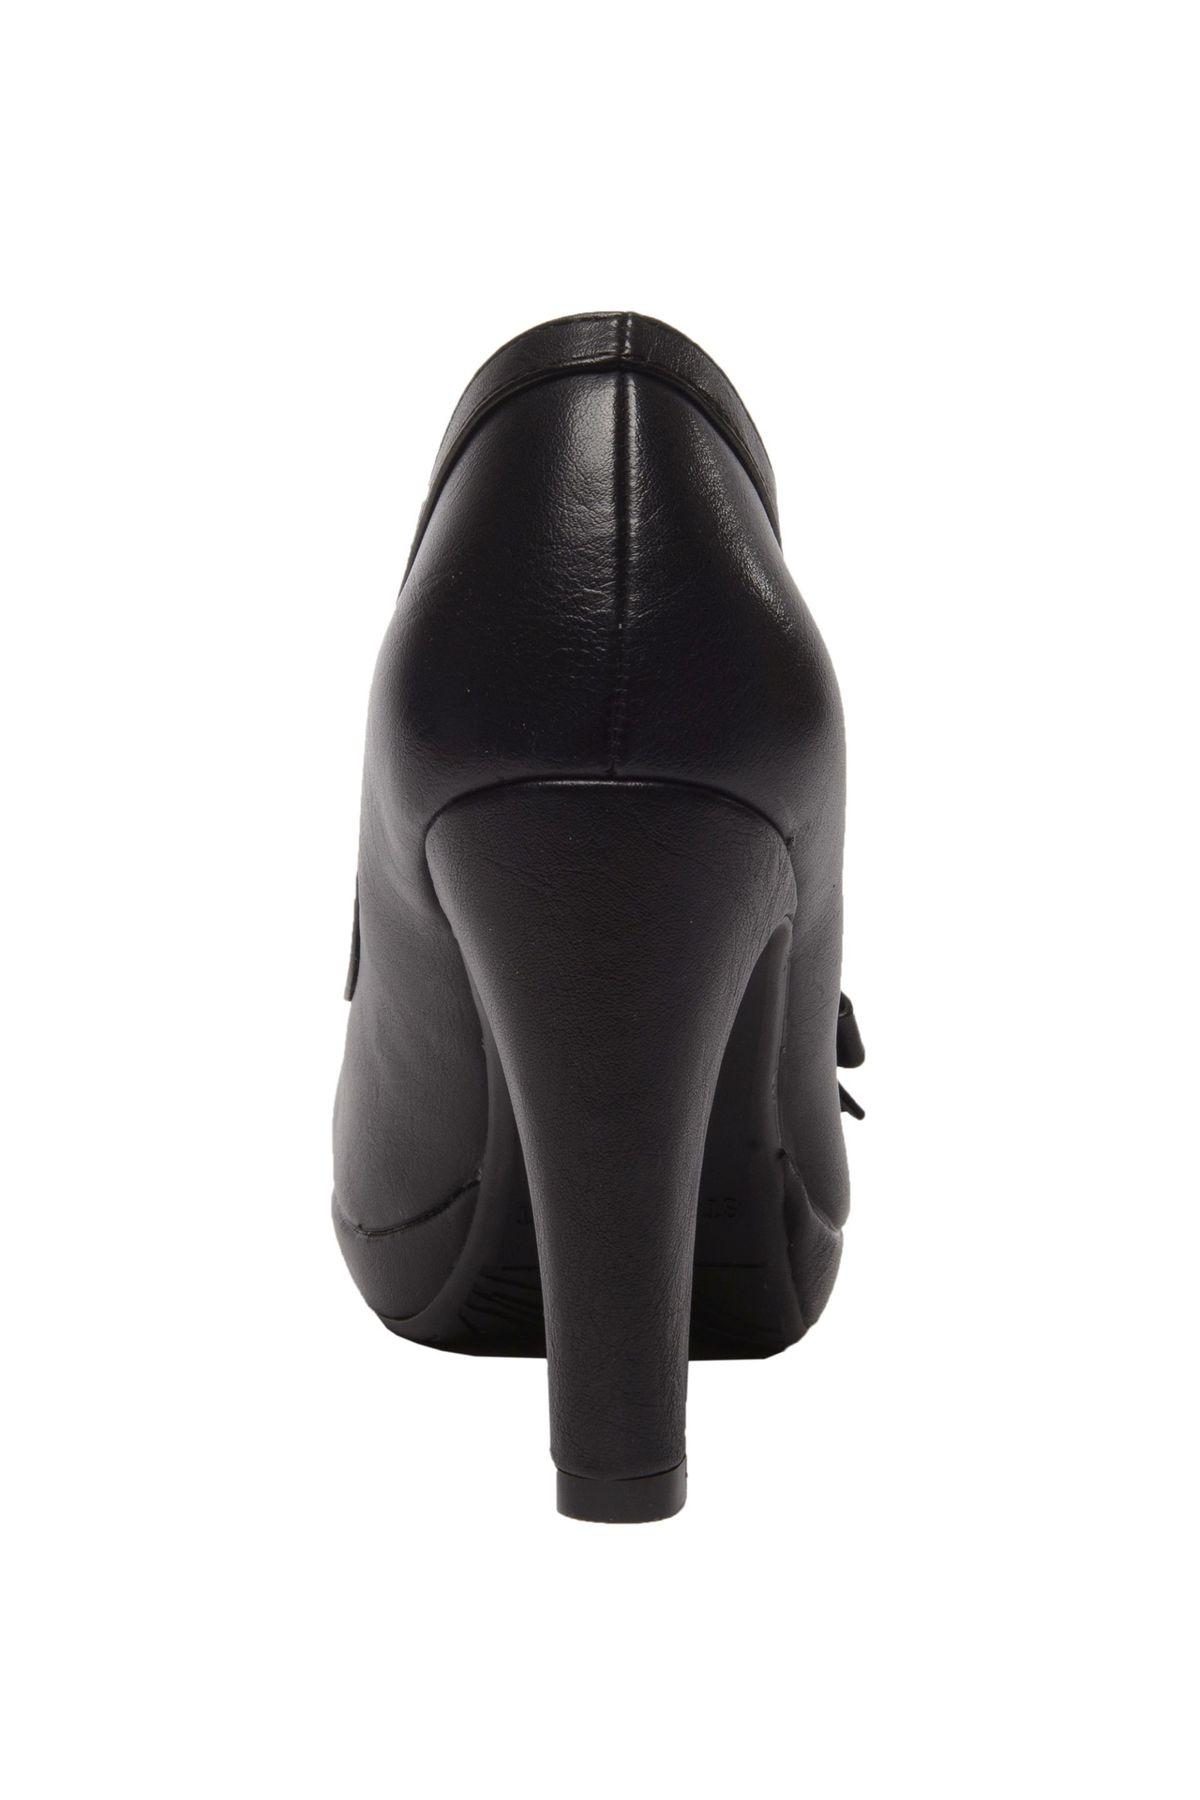 STOCKERPOINT - Damen Trachten Schuhe in Schwarz, 6070 – Bild 2